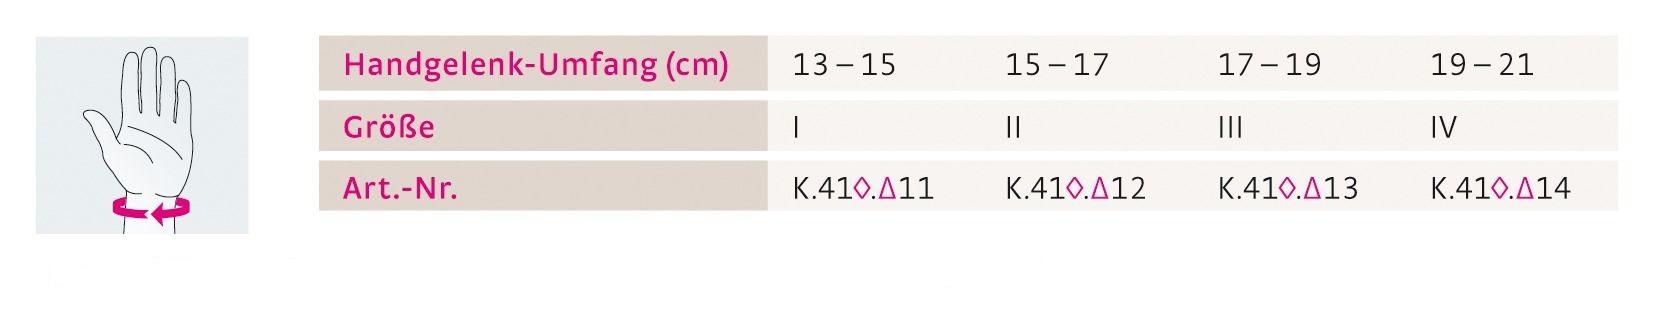 manumed-active-handgelenkbandagen-medi-groessentabelle-m-234480